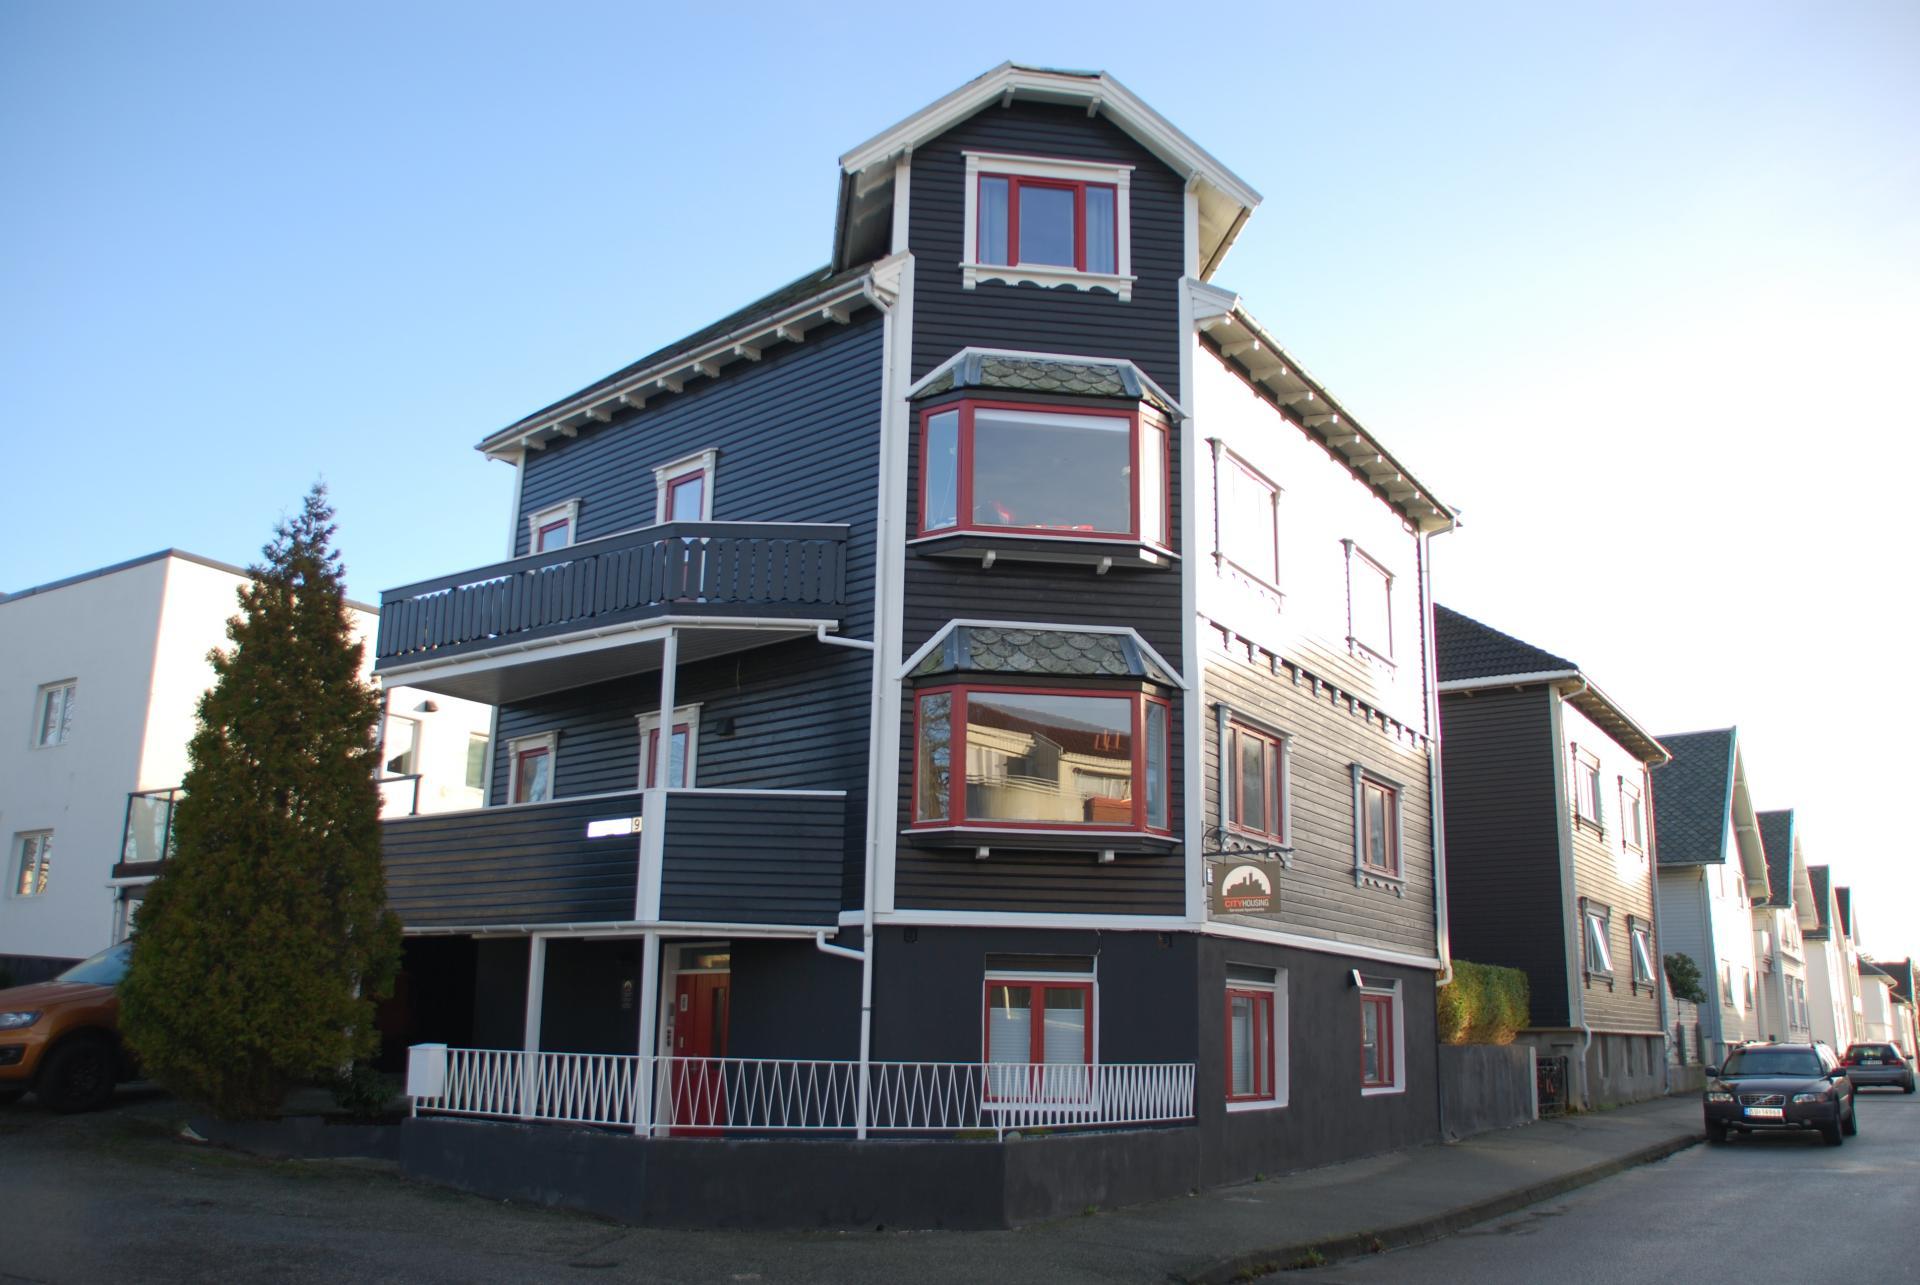 Exterior at Saudagata 9 Apartment, Lagard, Stavanger